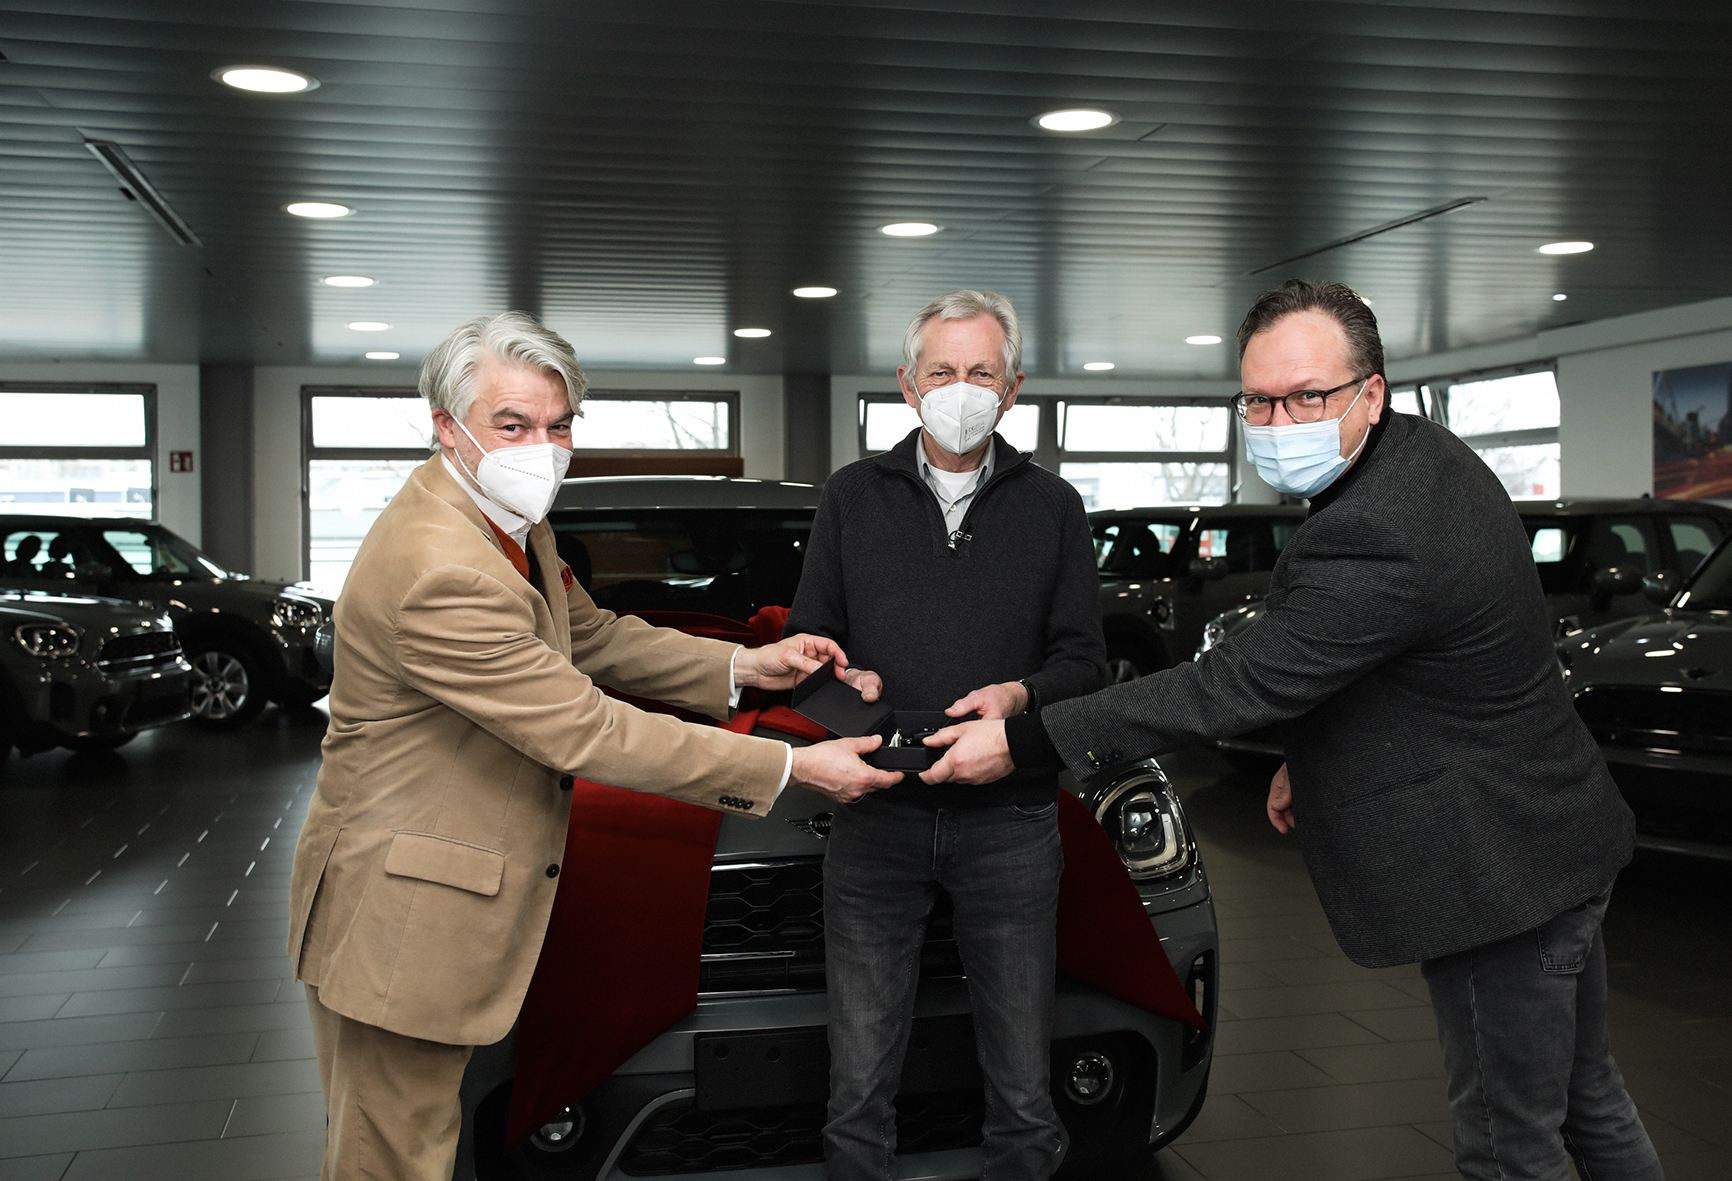 Christian Kipper (links), Geschäftsführer der Deutschen Fernsehlotterie und Norman Landmann (rechts), Leiter MINI Hamburg überreichen die Schlüssel an den Gewinner Jürgen Benecke (Mitte) aus Schnackenburg, Niedersachsen.